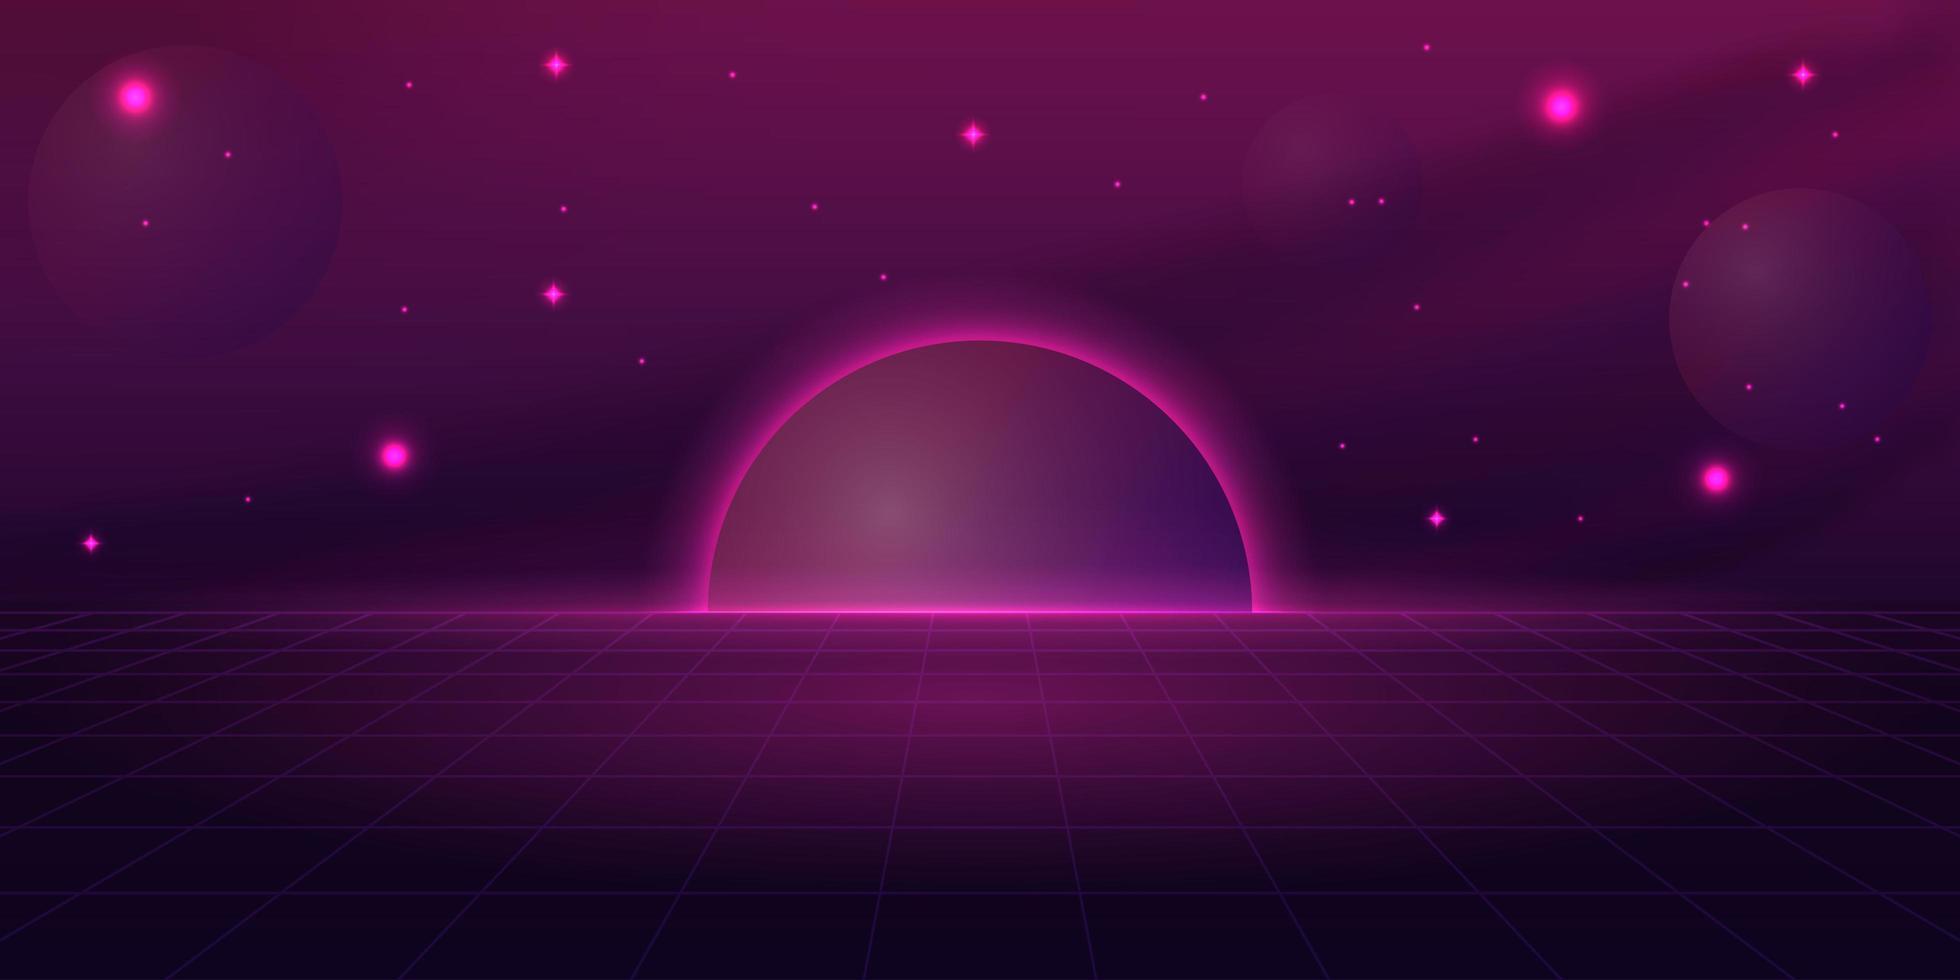 lila Retro-Sci-Fi-Design vektor